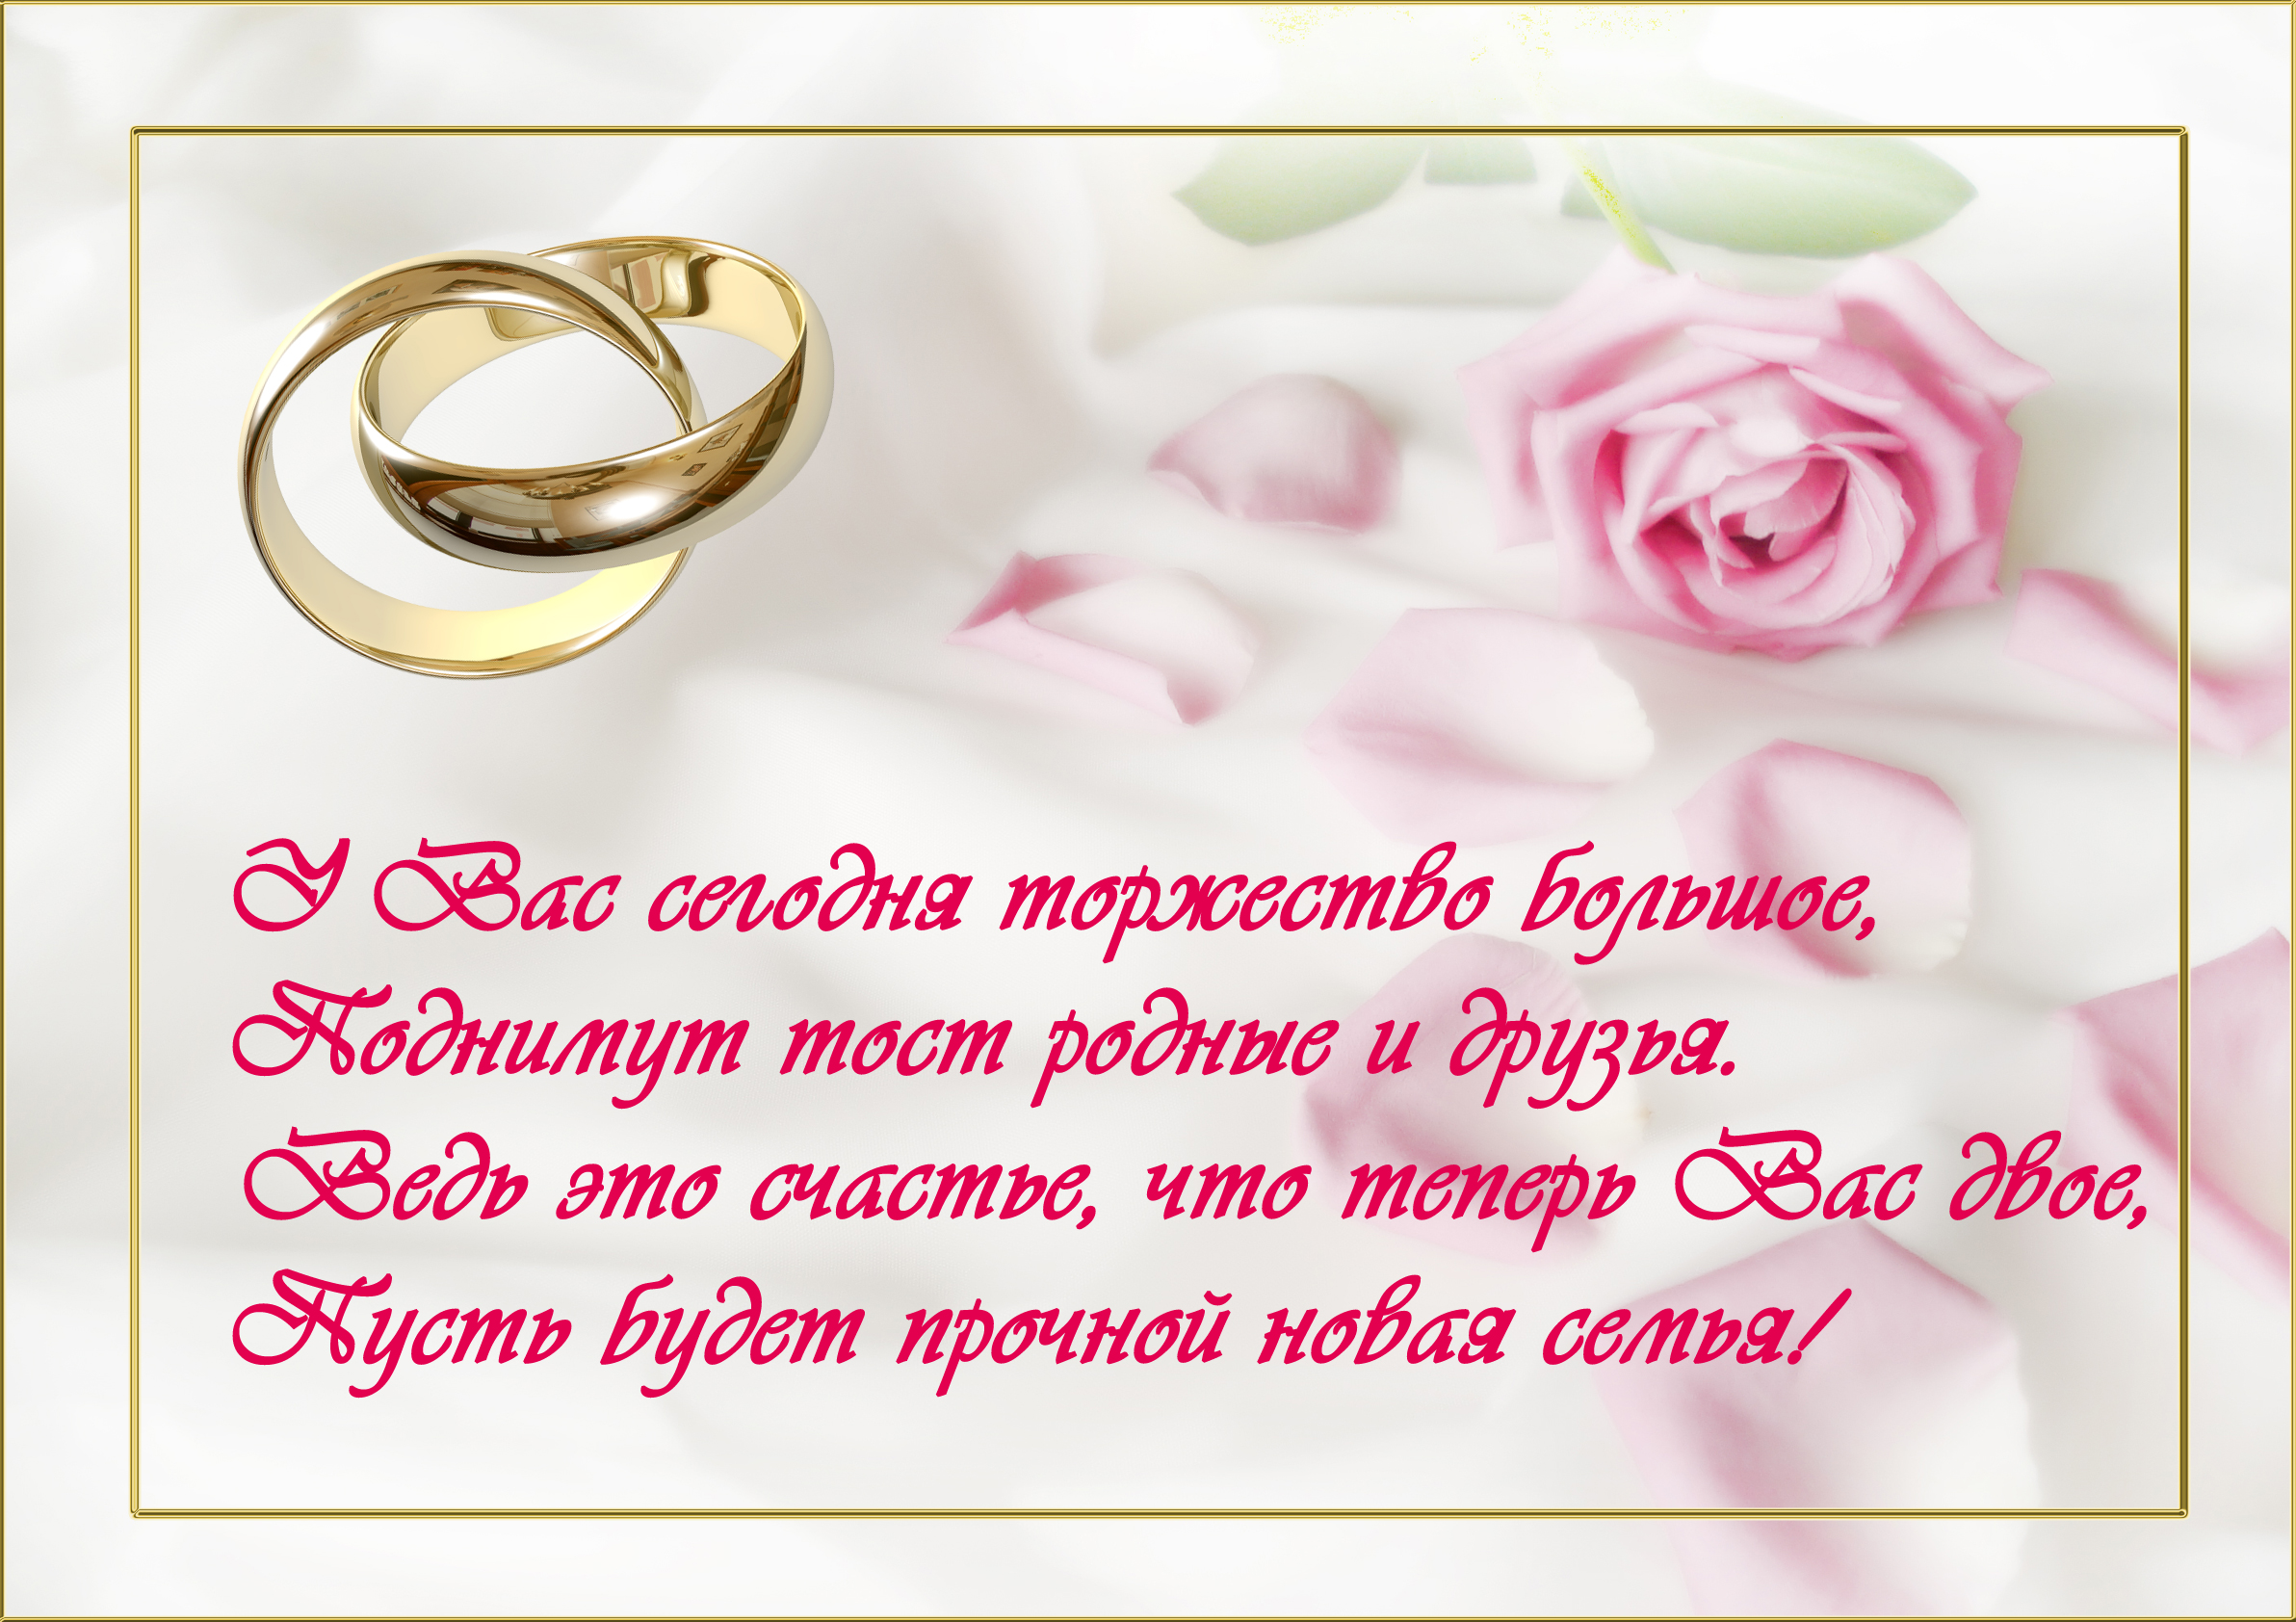 Поздравление и тосты к дню свадьбы